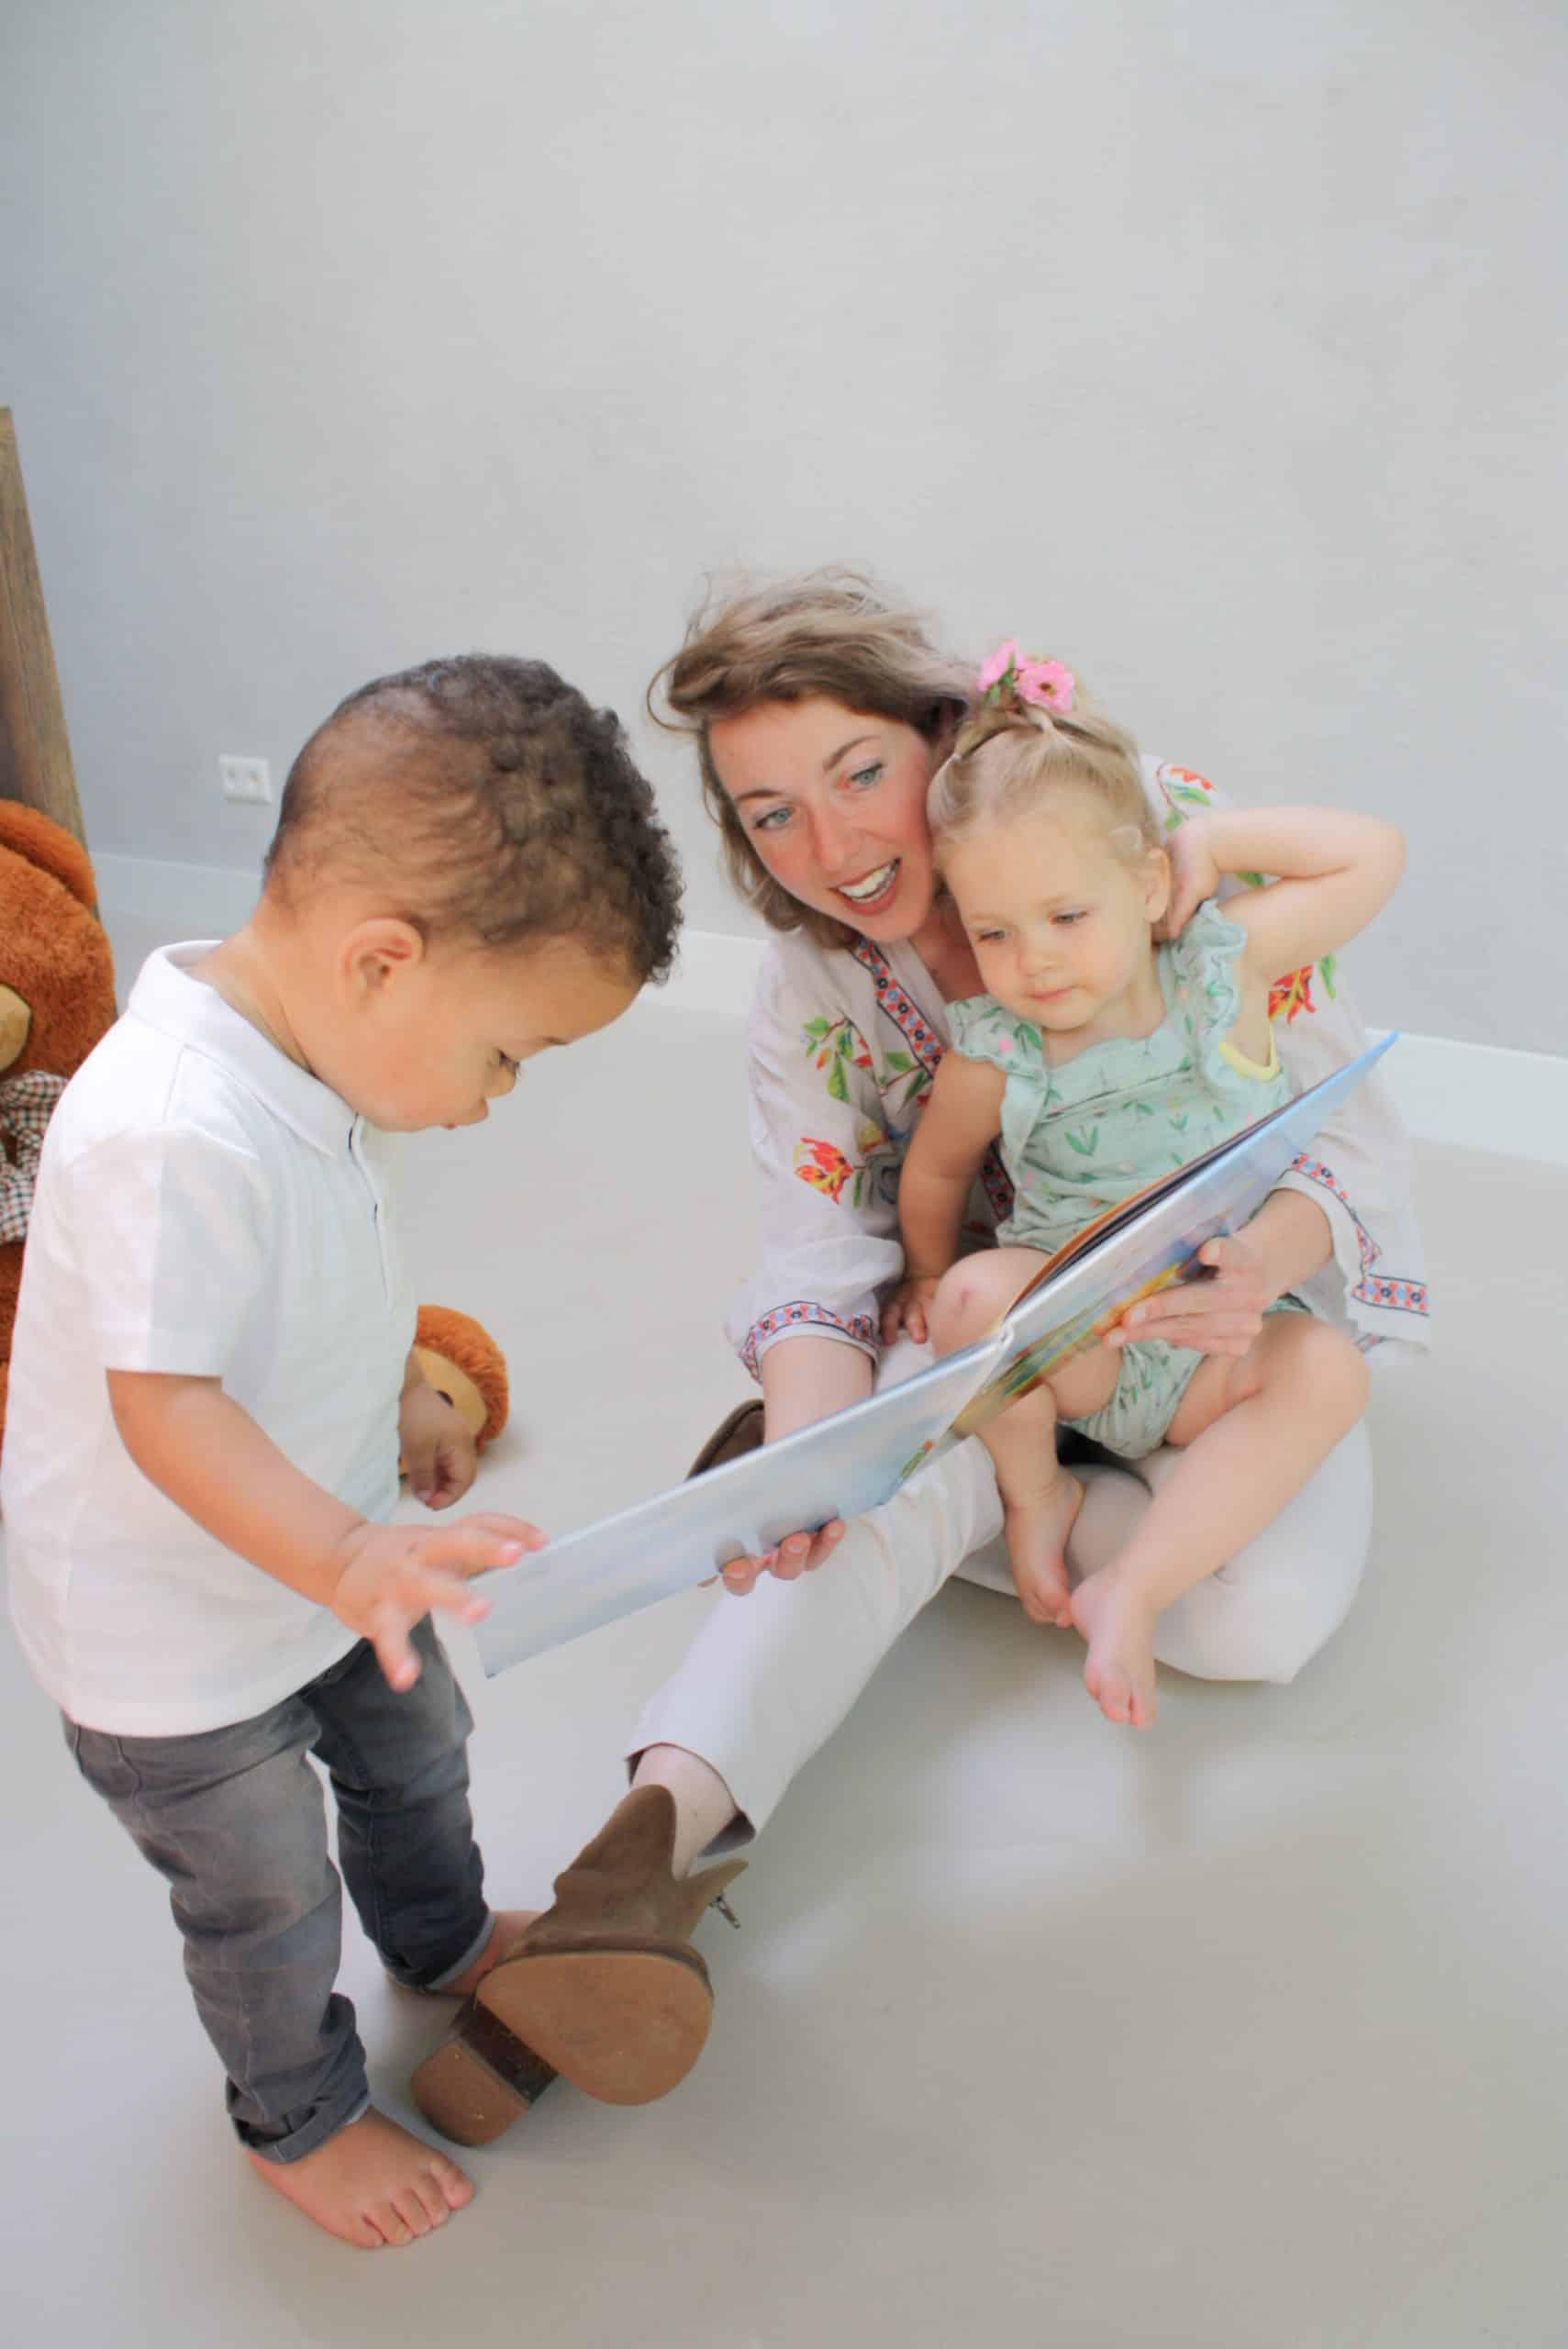 au pair lyla speelt met kleine kindjes in huis